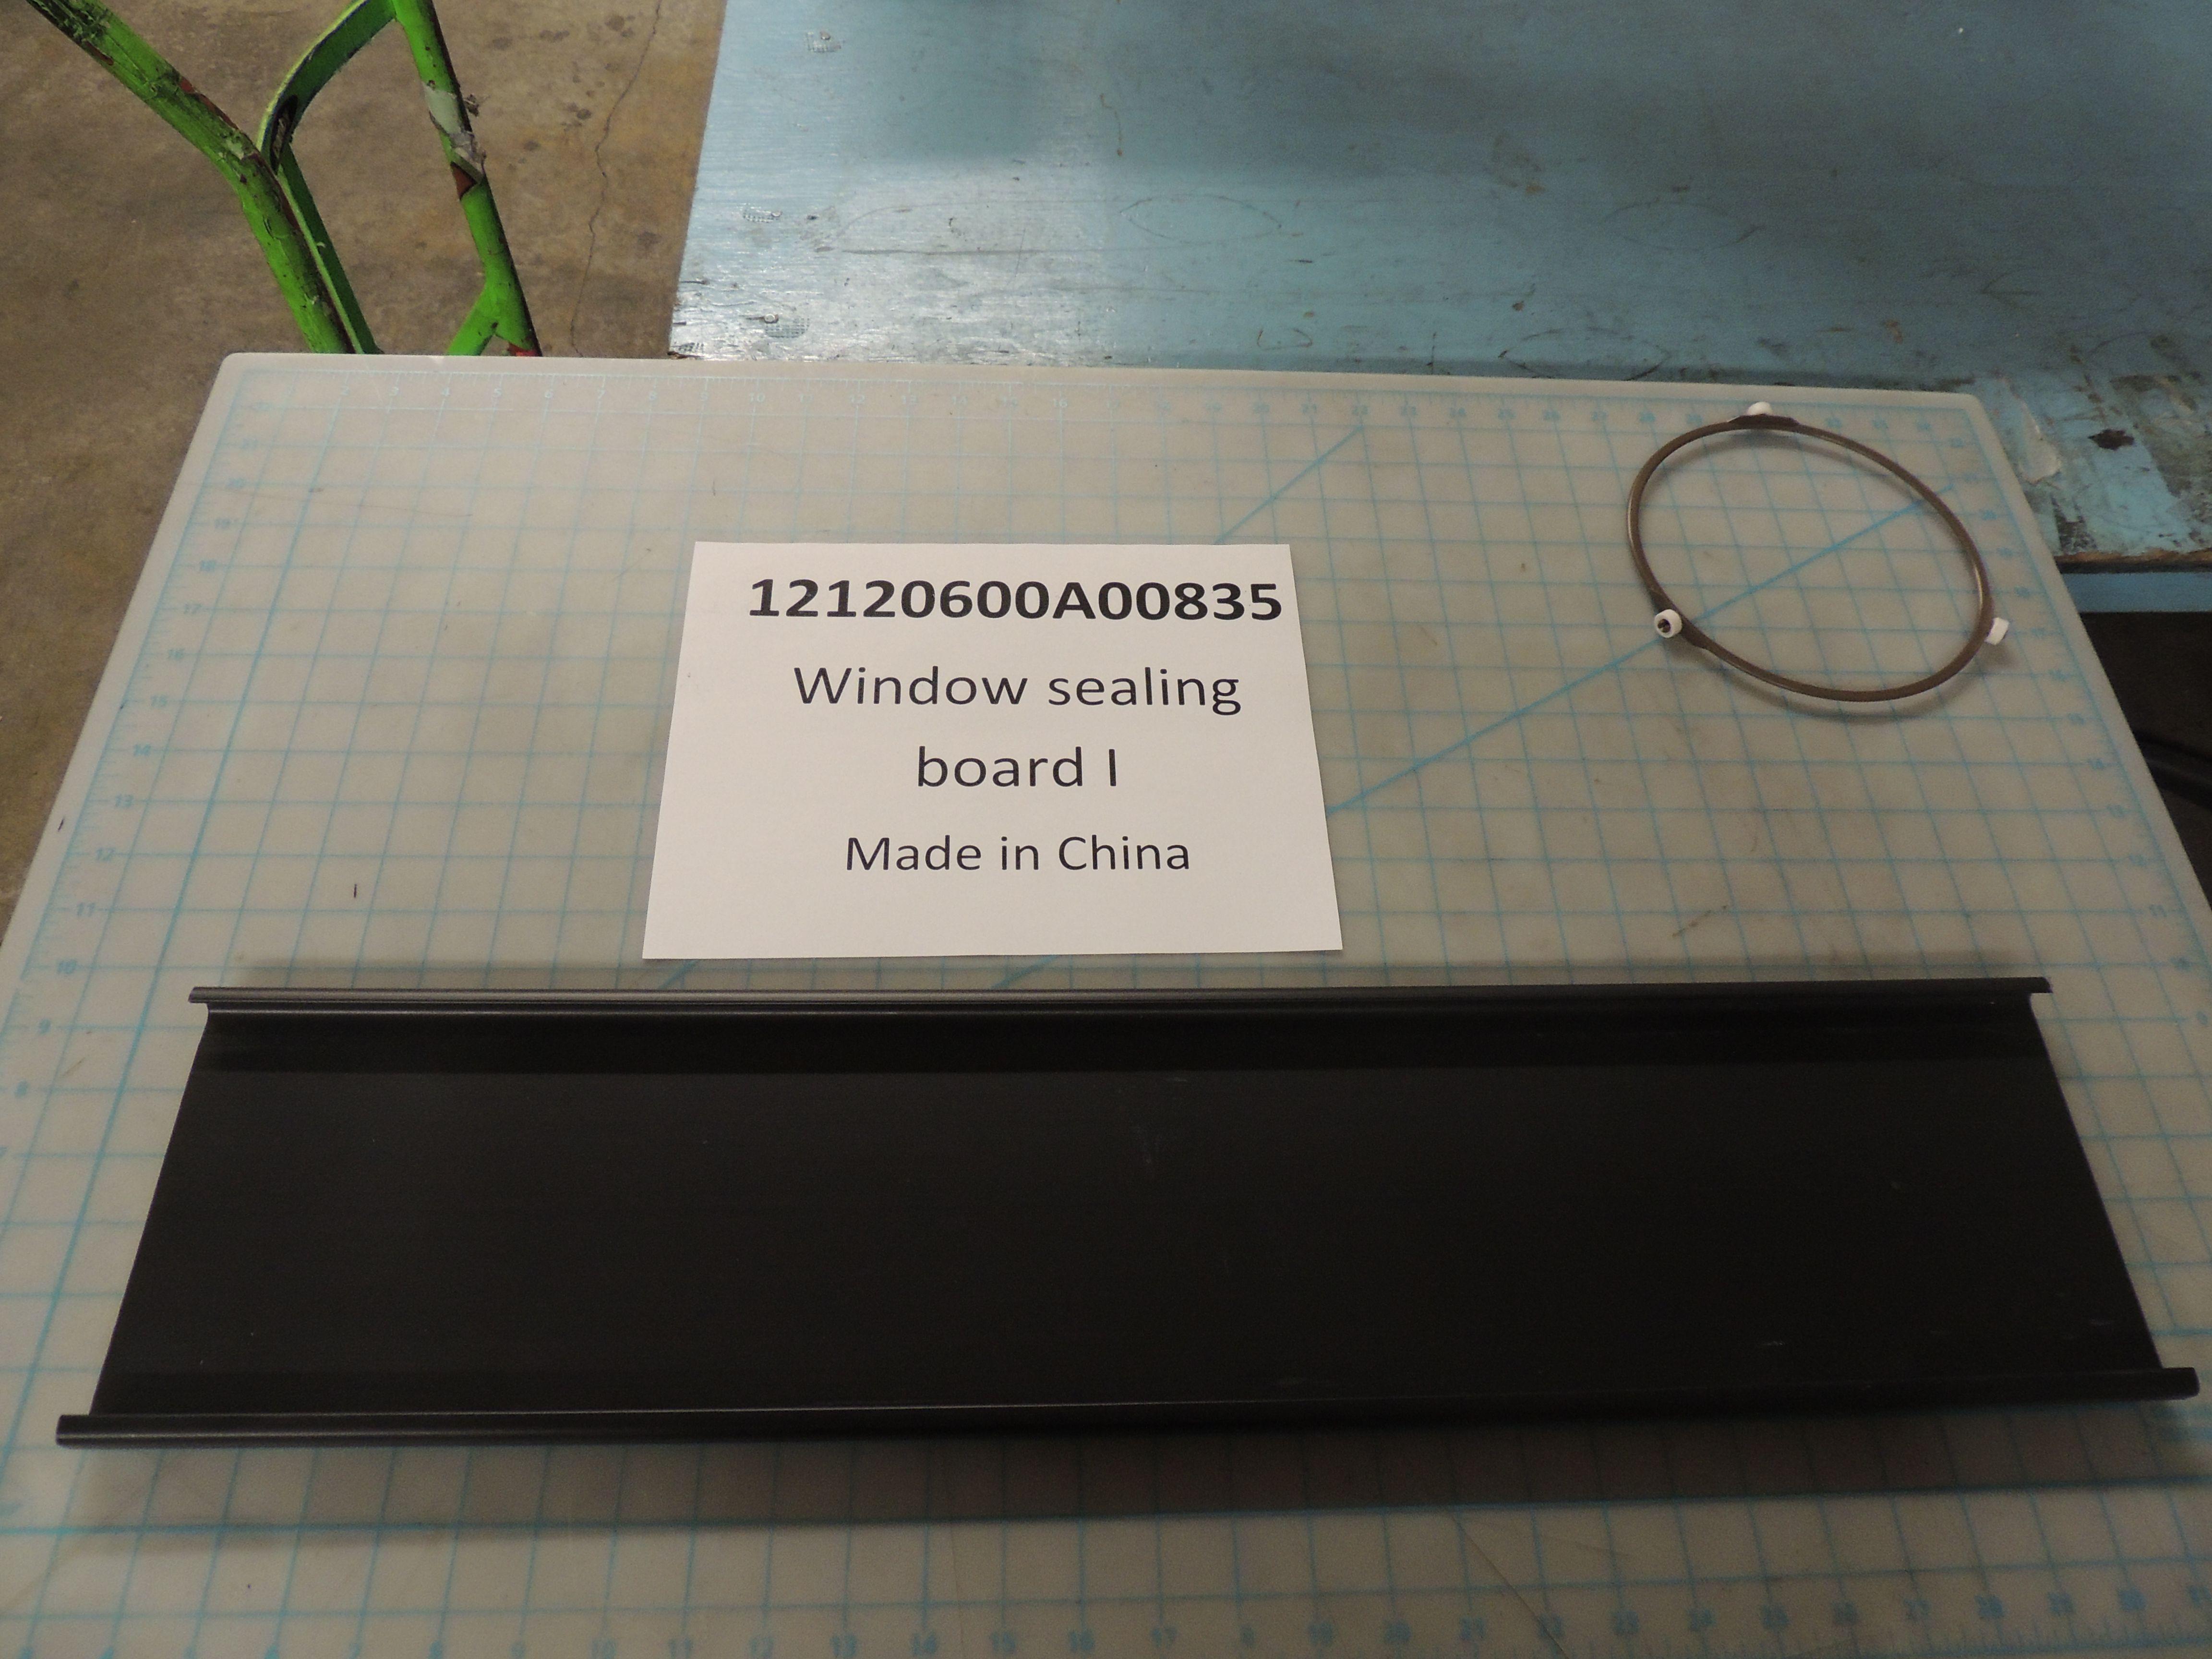 Window sealing board I